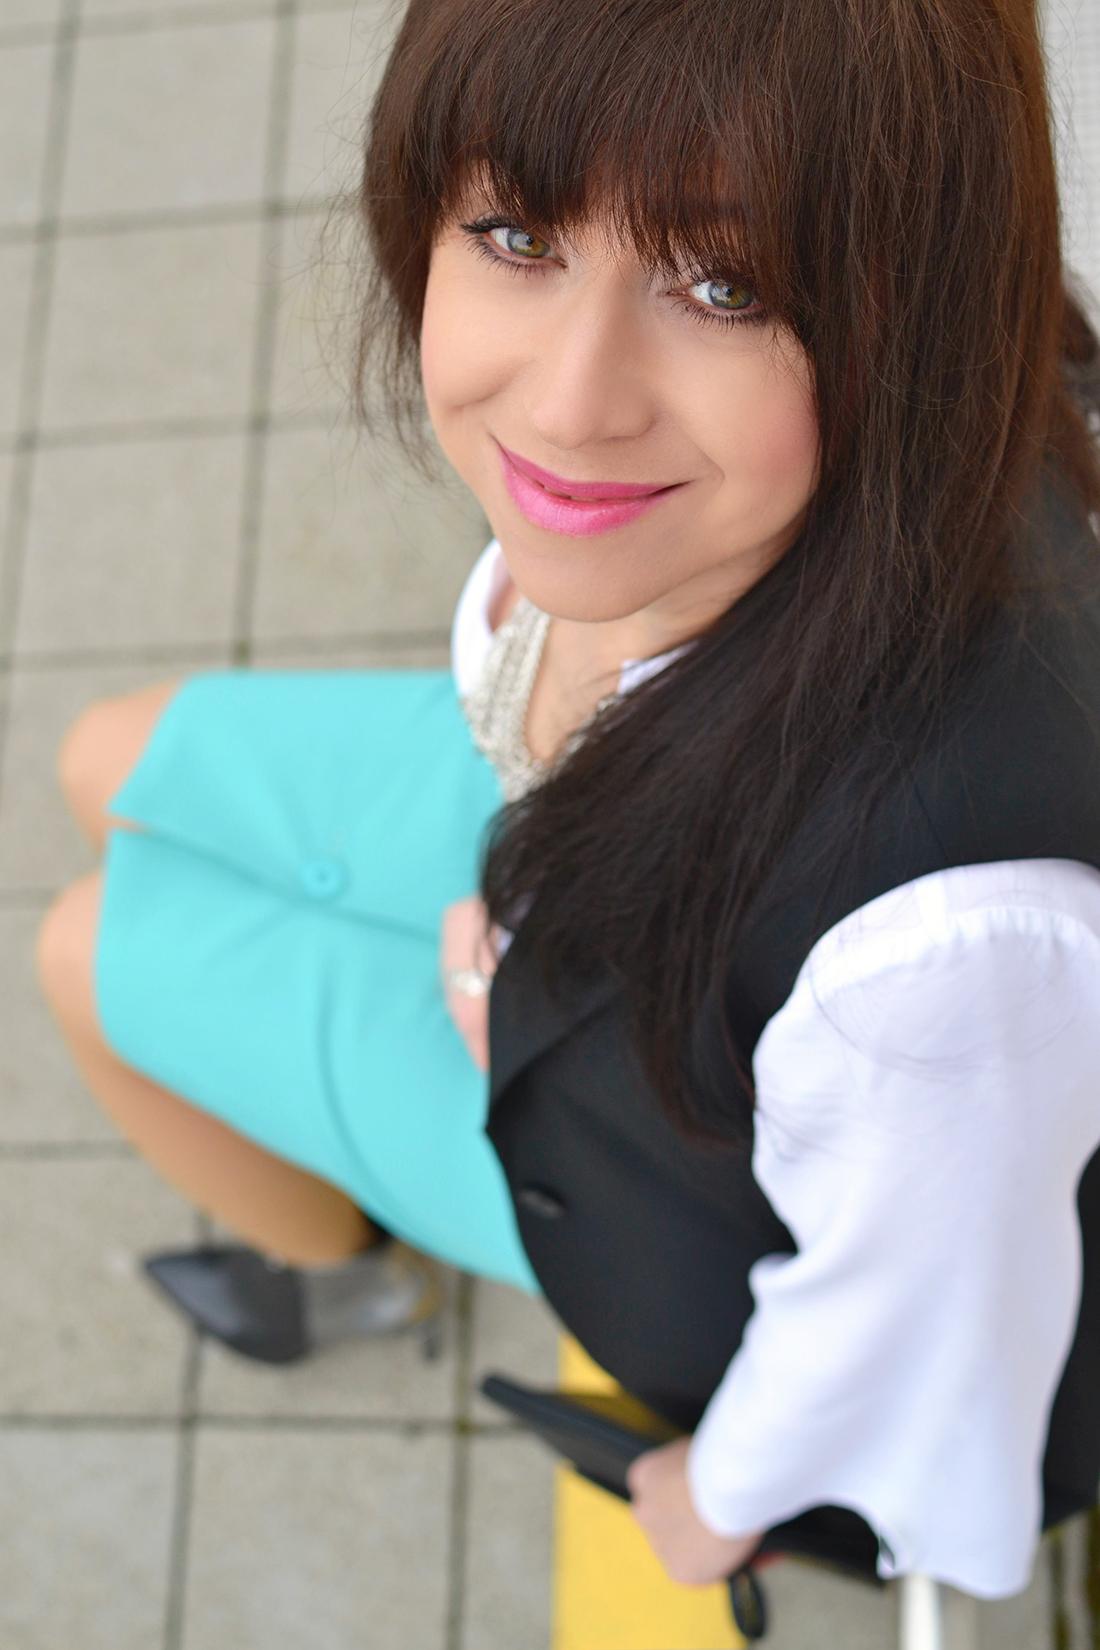 Biela blúzka so zvonovými rukávmi_Katharine-fashion is beautiful_blog 6_Biela blúzka_Čierna vesta_Katarína Jakubčová_Fashion blogger